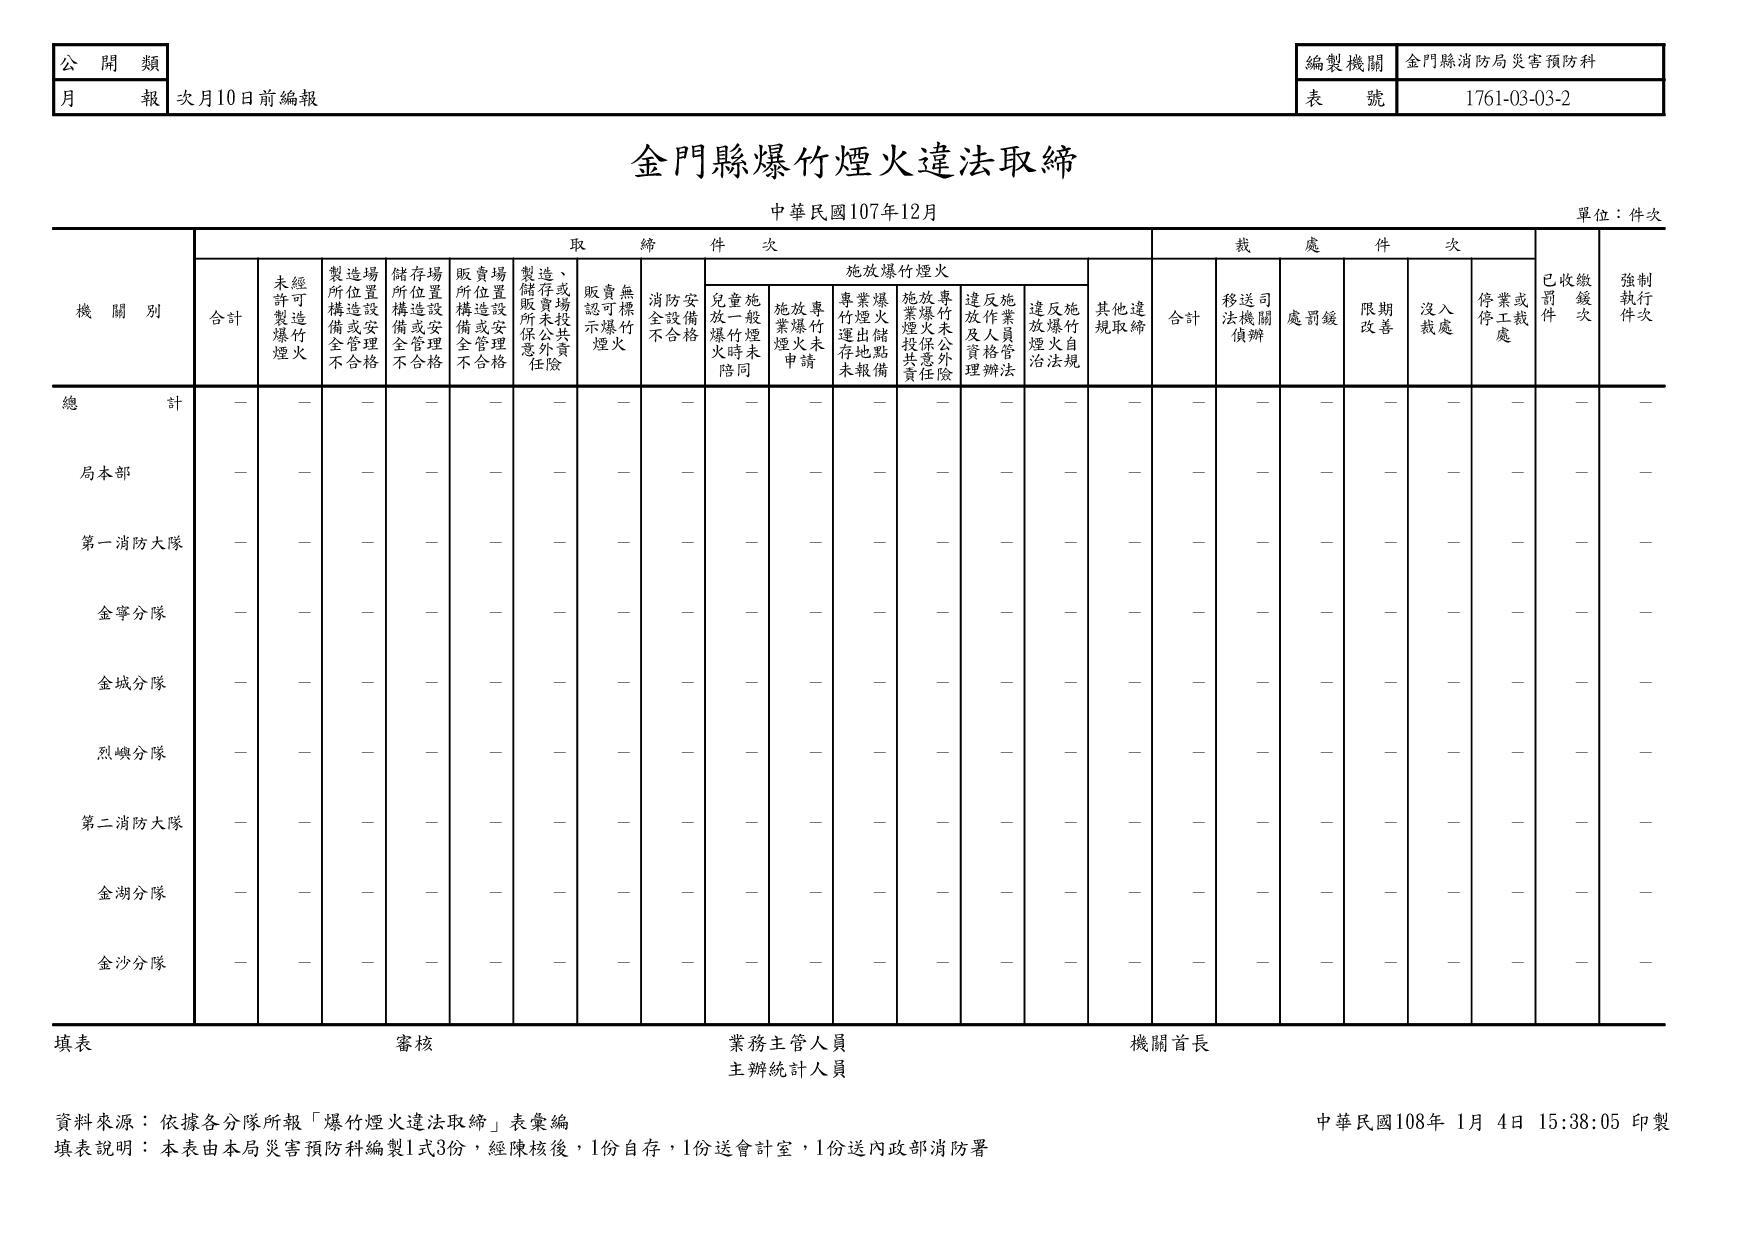 107年12月金門縣爆竹煙火違法取締